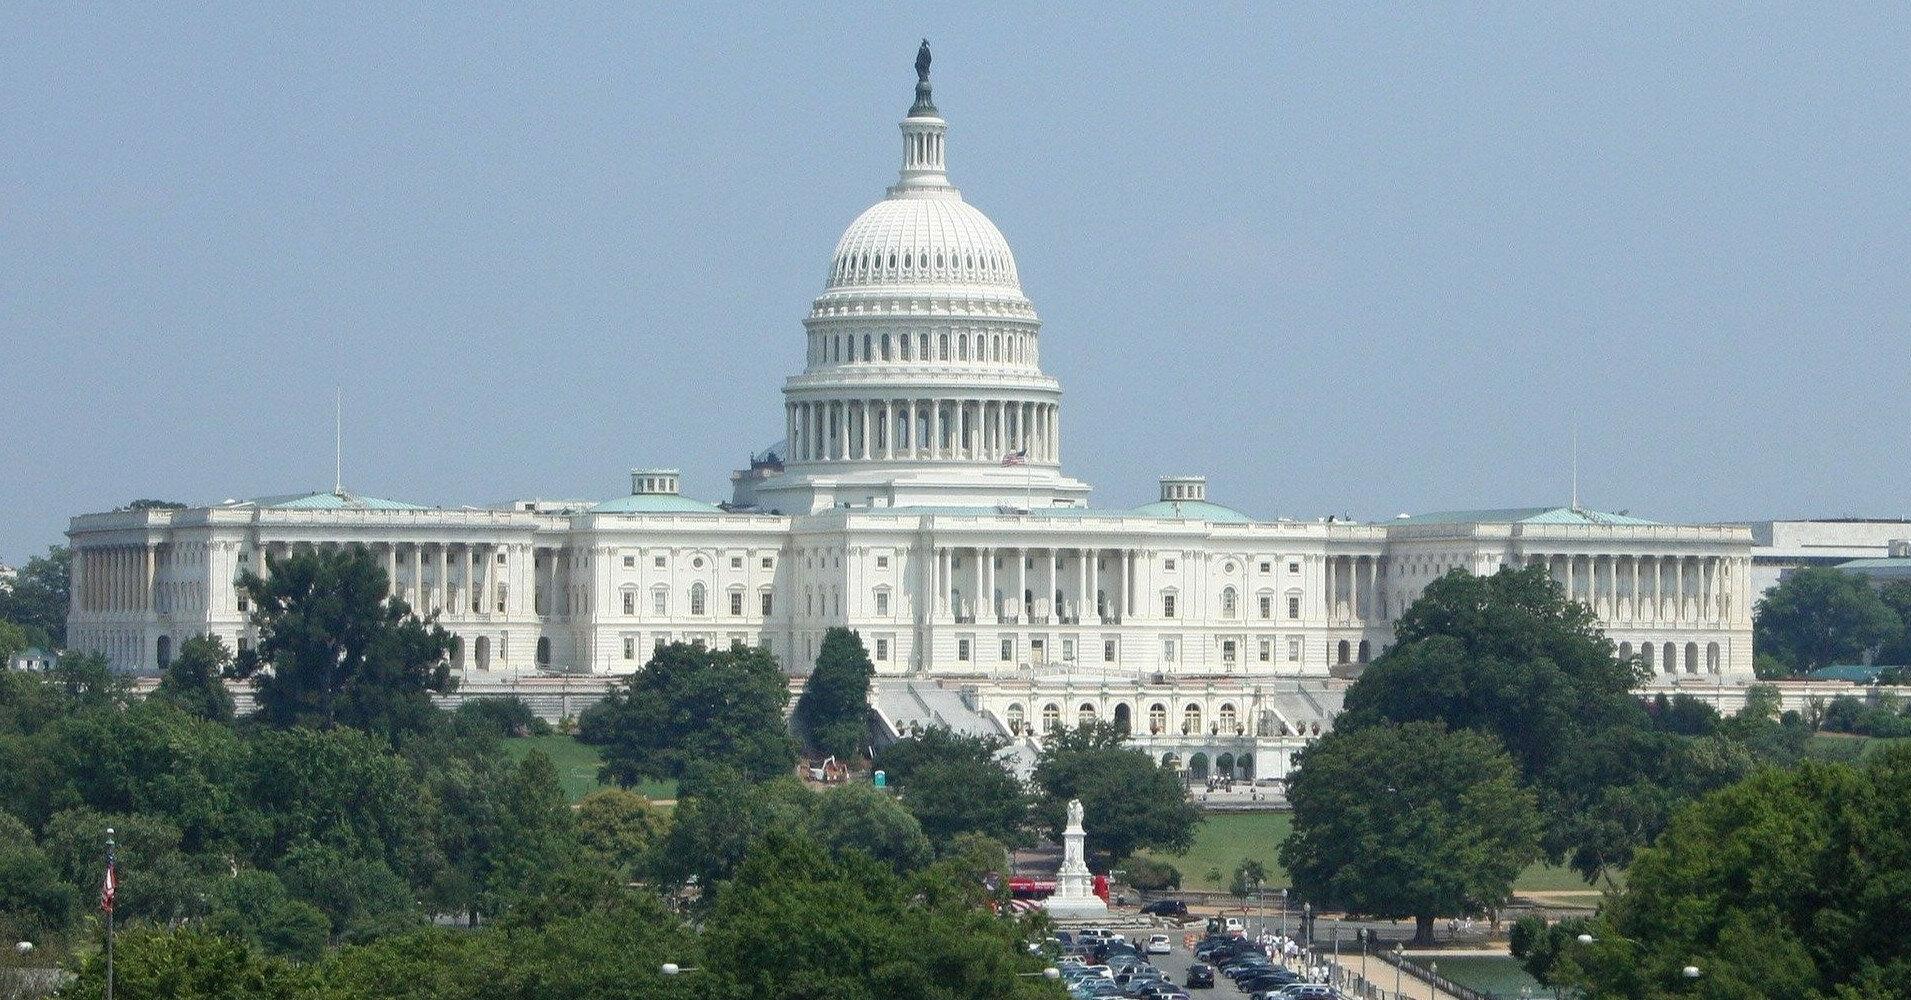 Минюст США оценил ущерб от штурма Капитолия